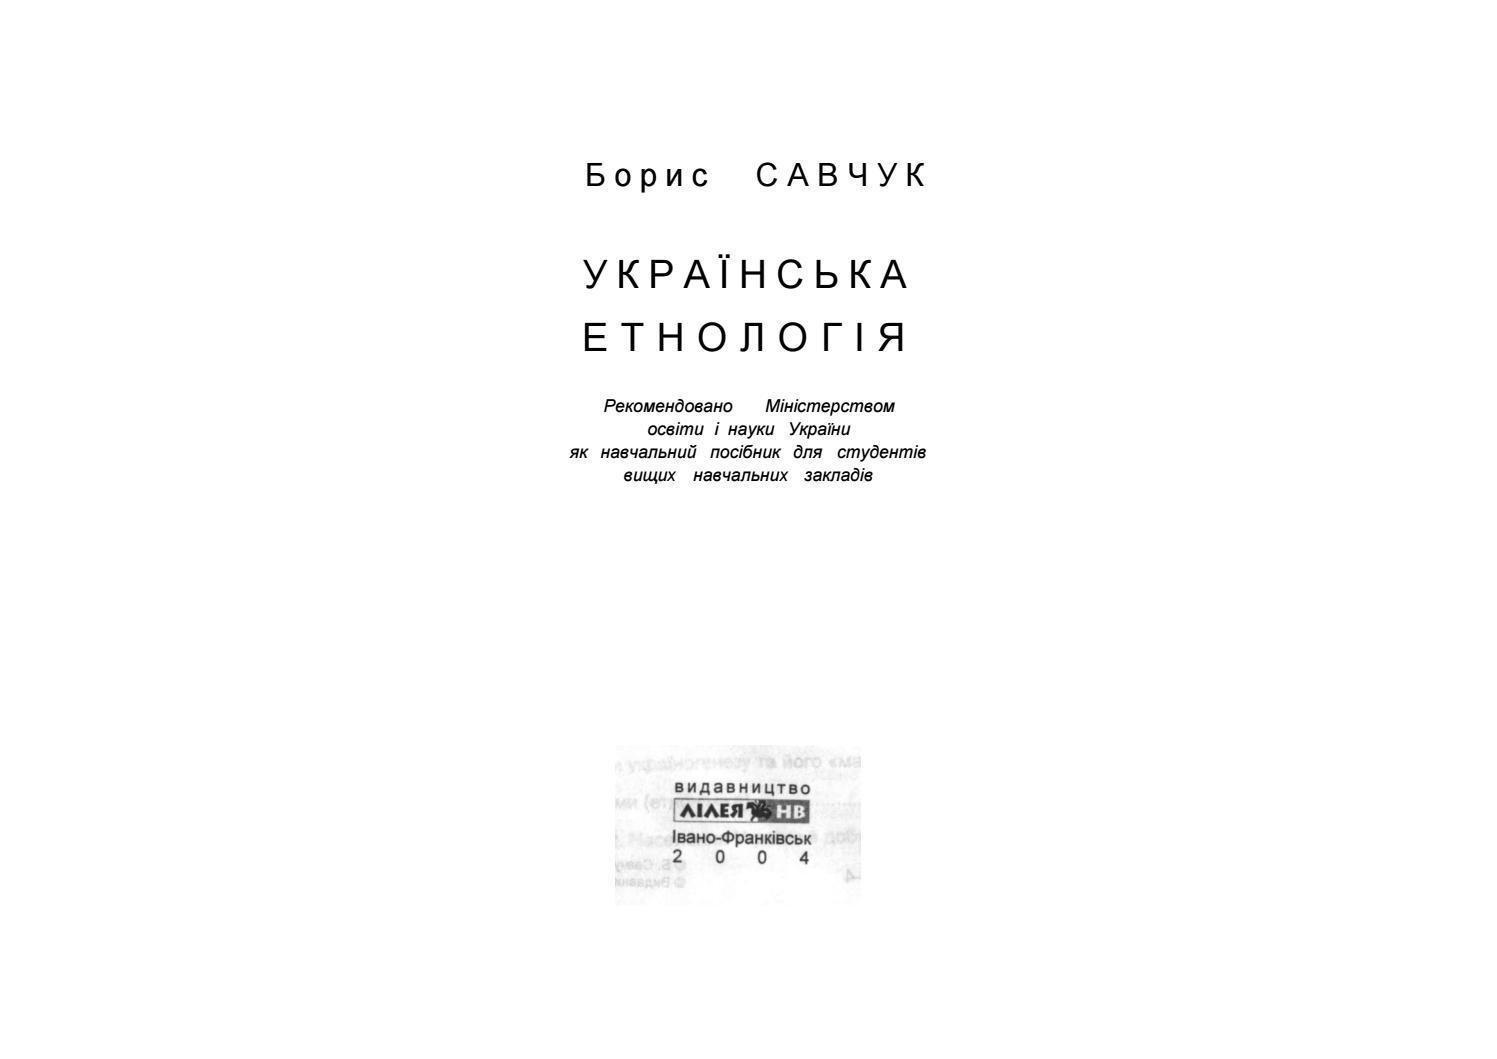 Ukrainian ethnology. B. Savchuk by coinsgenius - issuu f523b5ed5955c